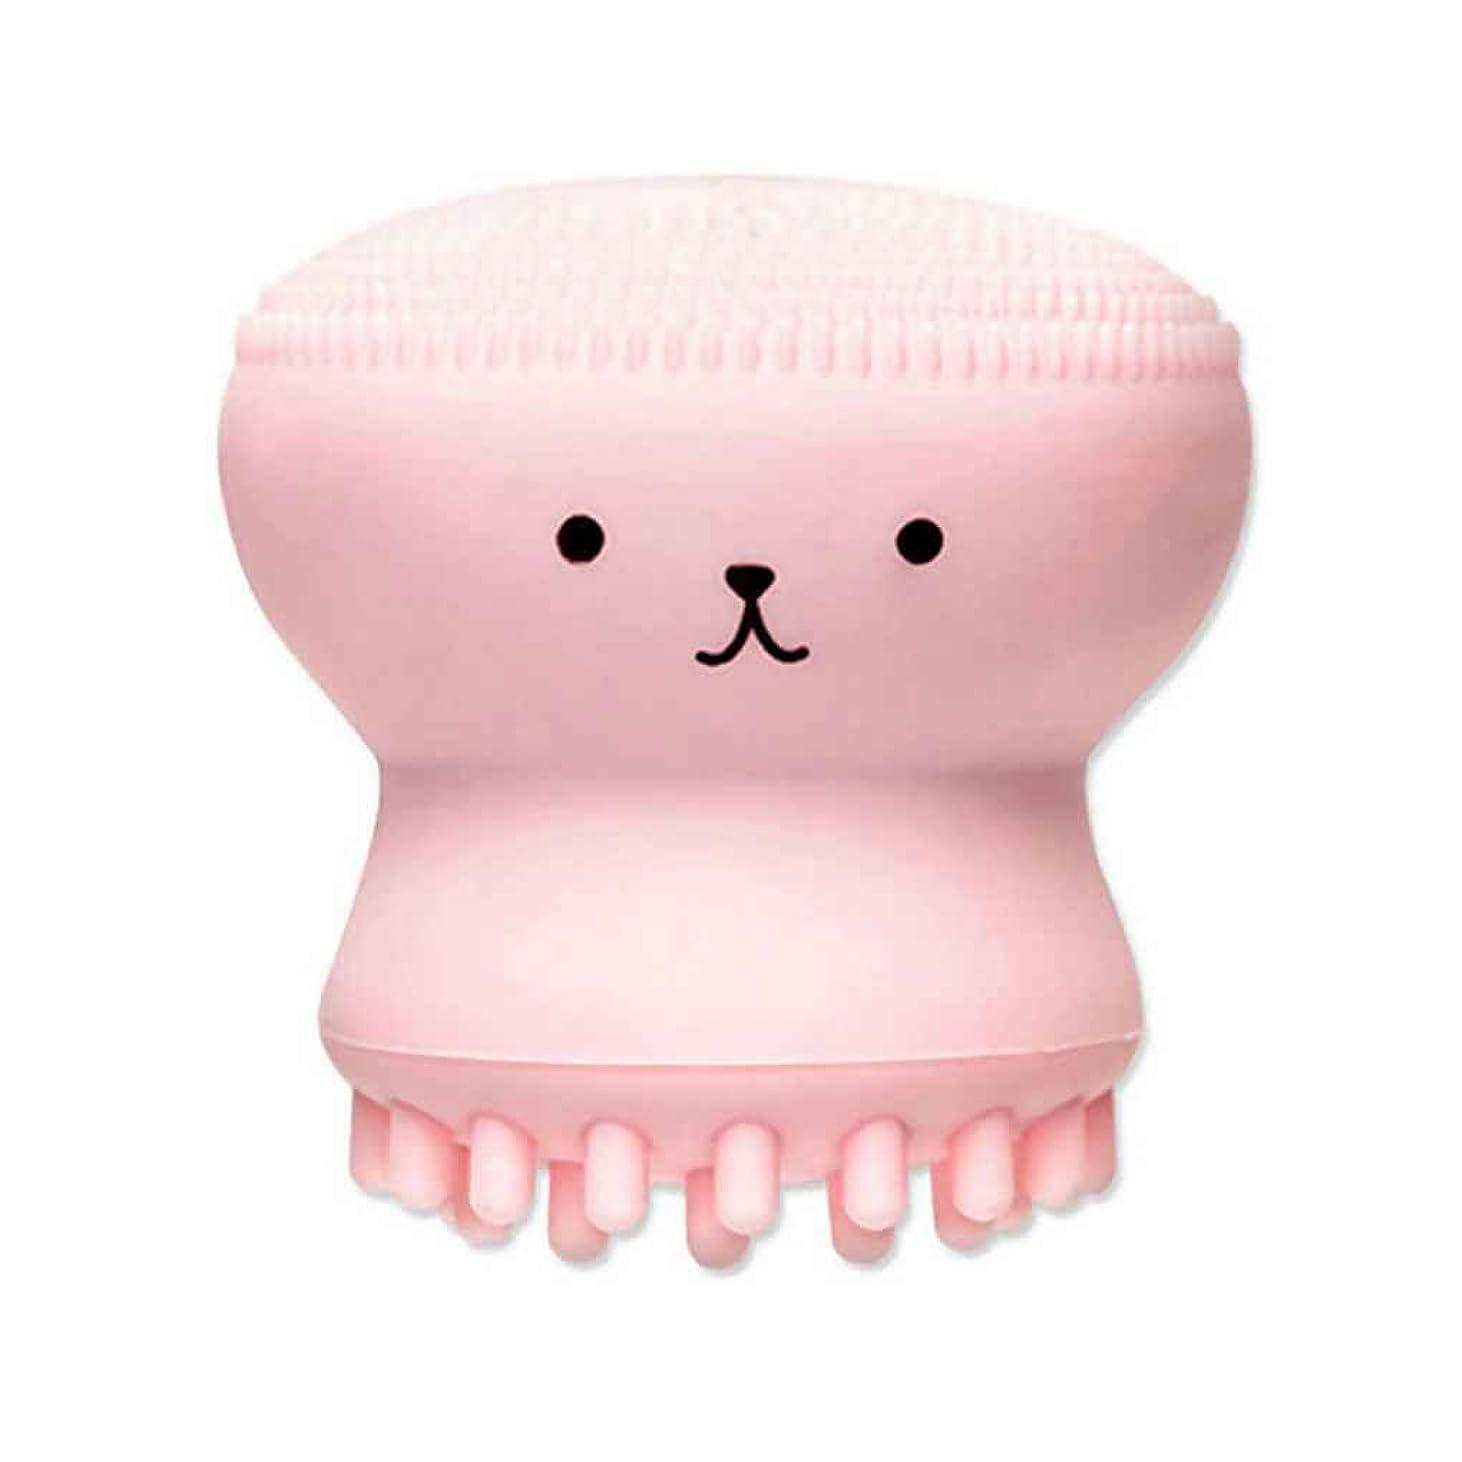 服を洗う牽引からKOROWA洗顔ブラシ フェイスクリーニングブラシ 顔ディープクリーニング 毛穴ケア ブラシ 皮脂 黒ずみ ピンクの章魚